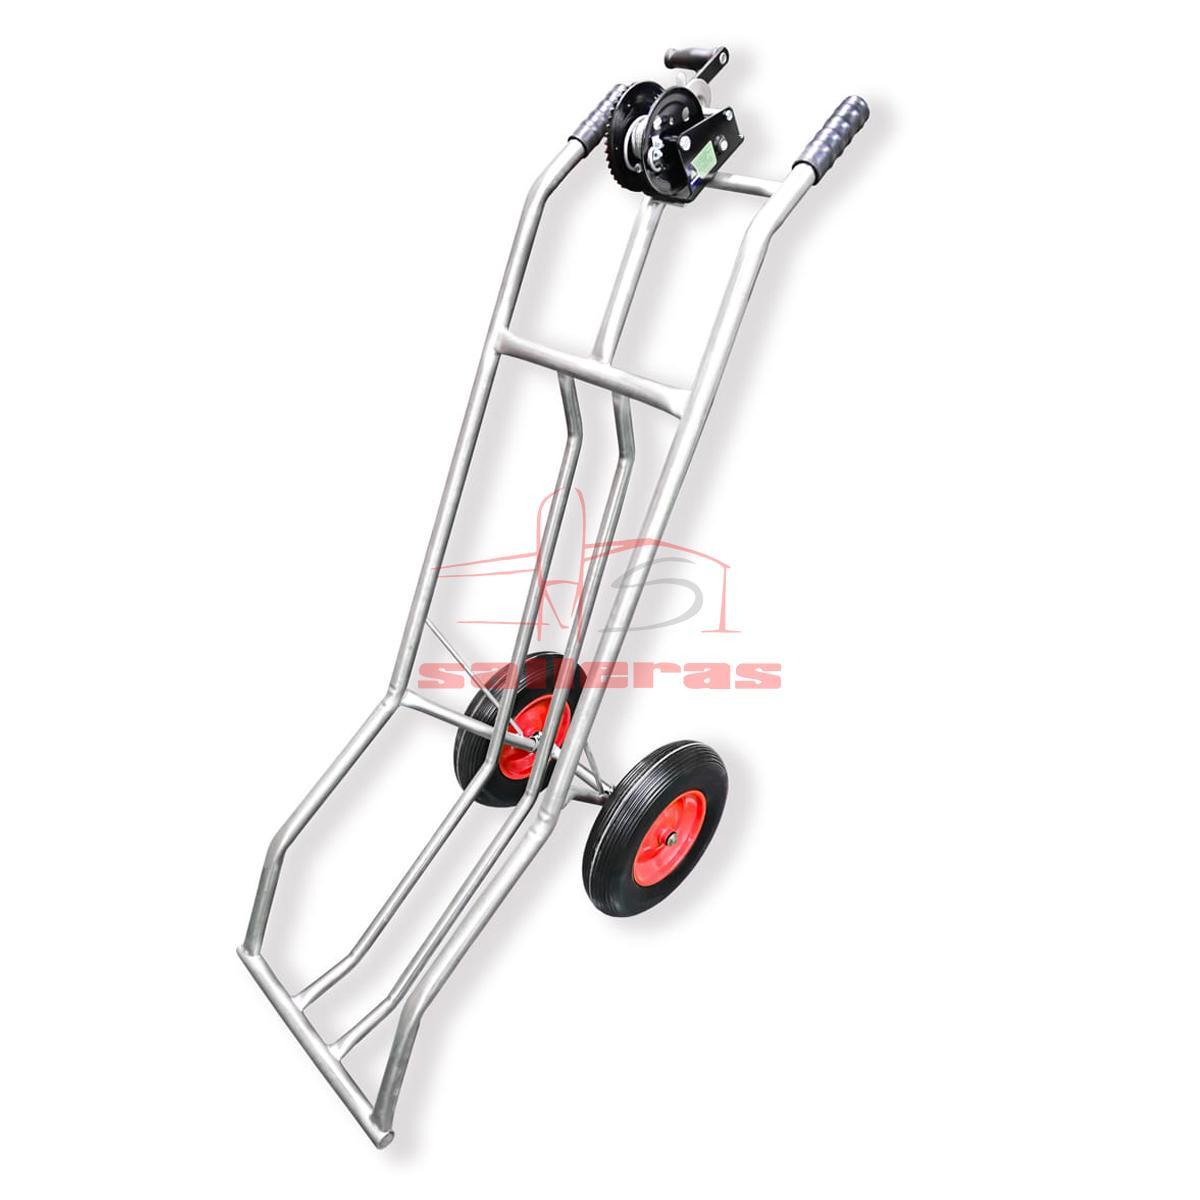 Carretilla de tubo con ruedas